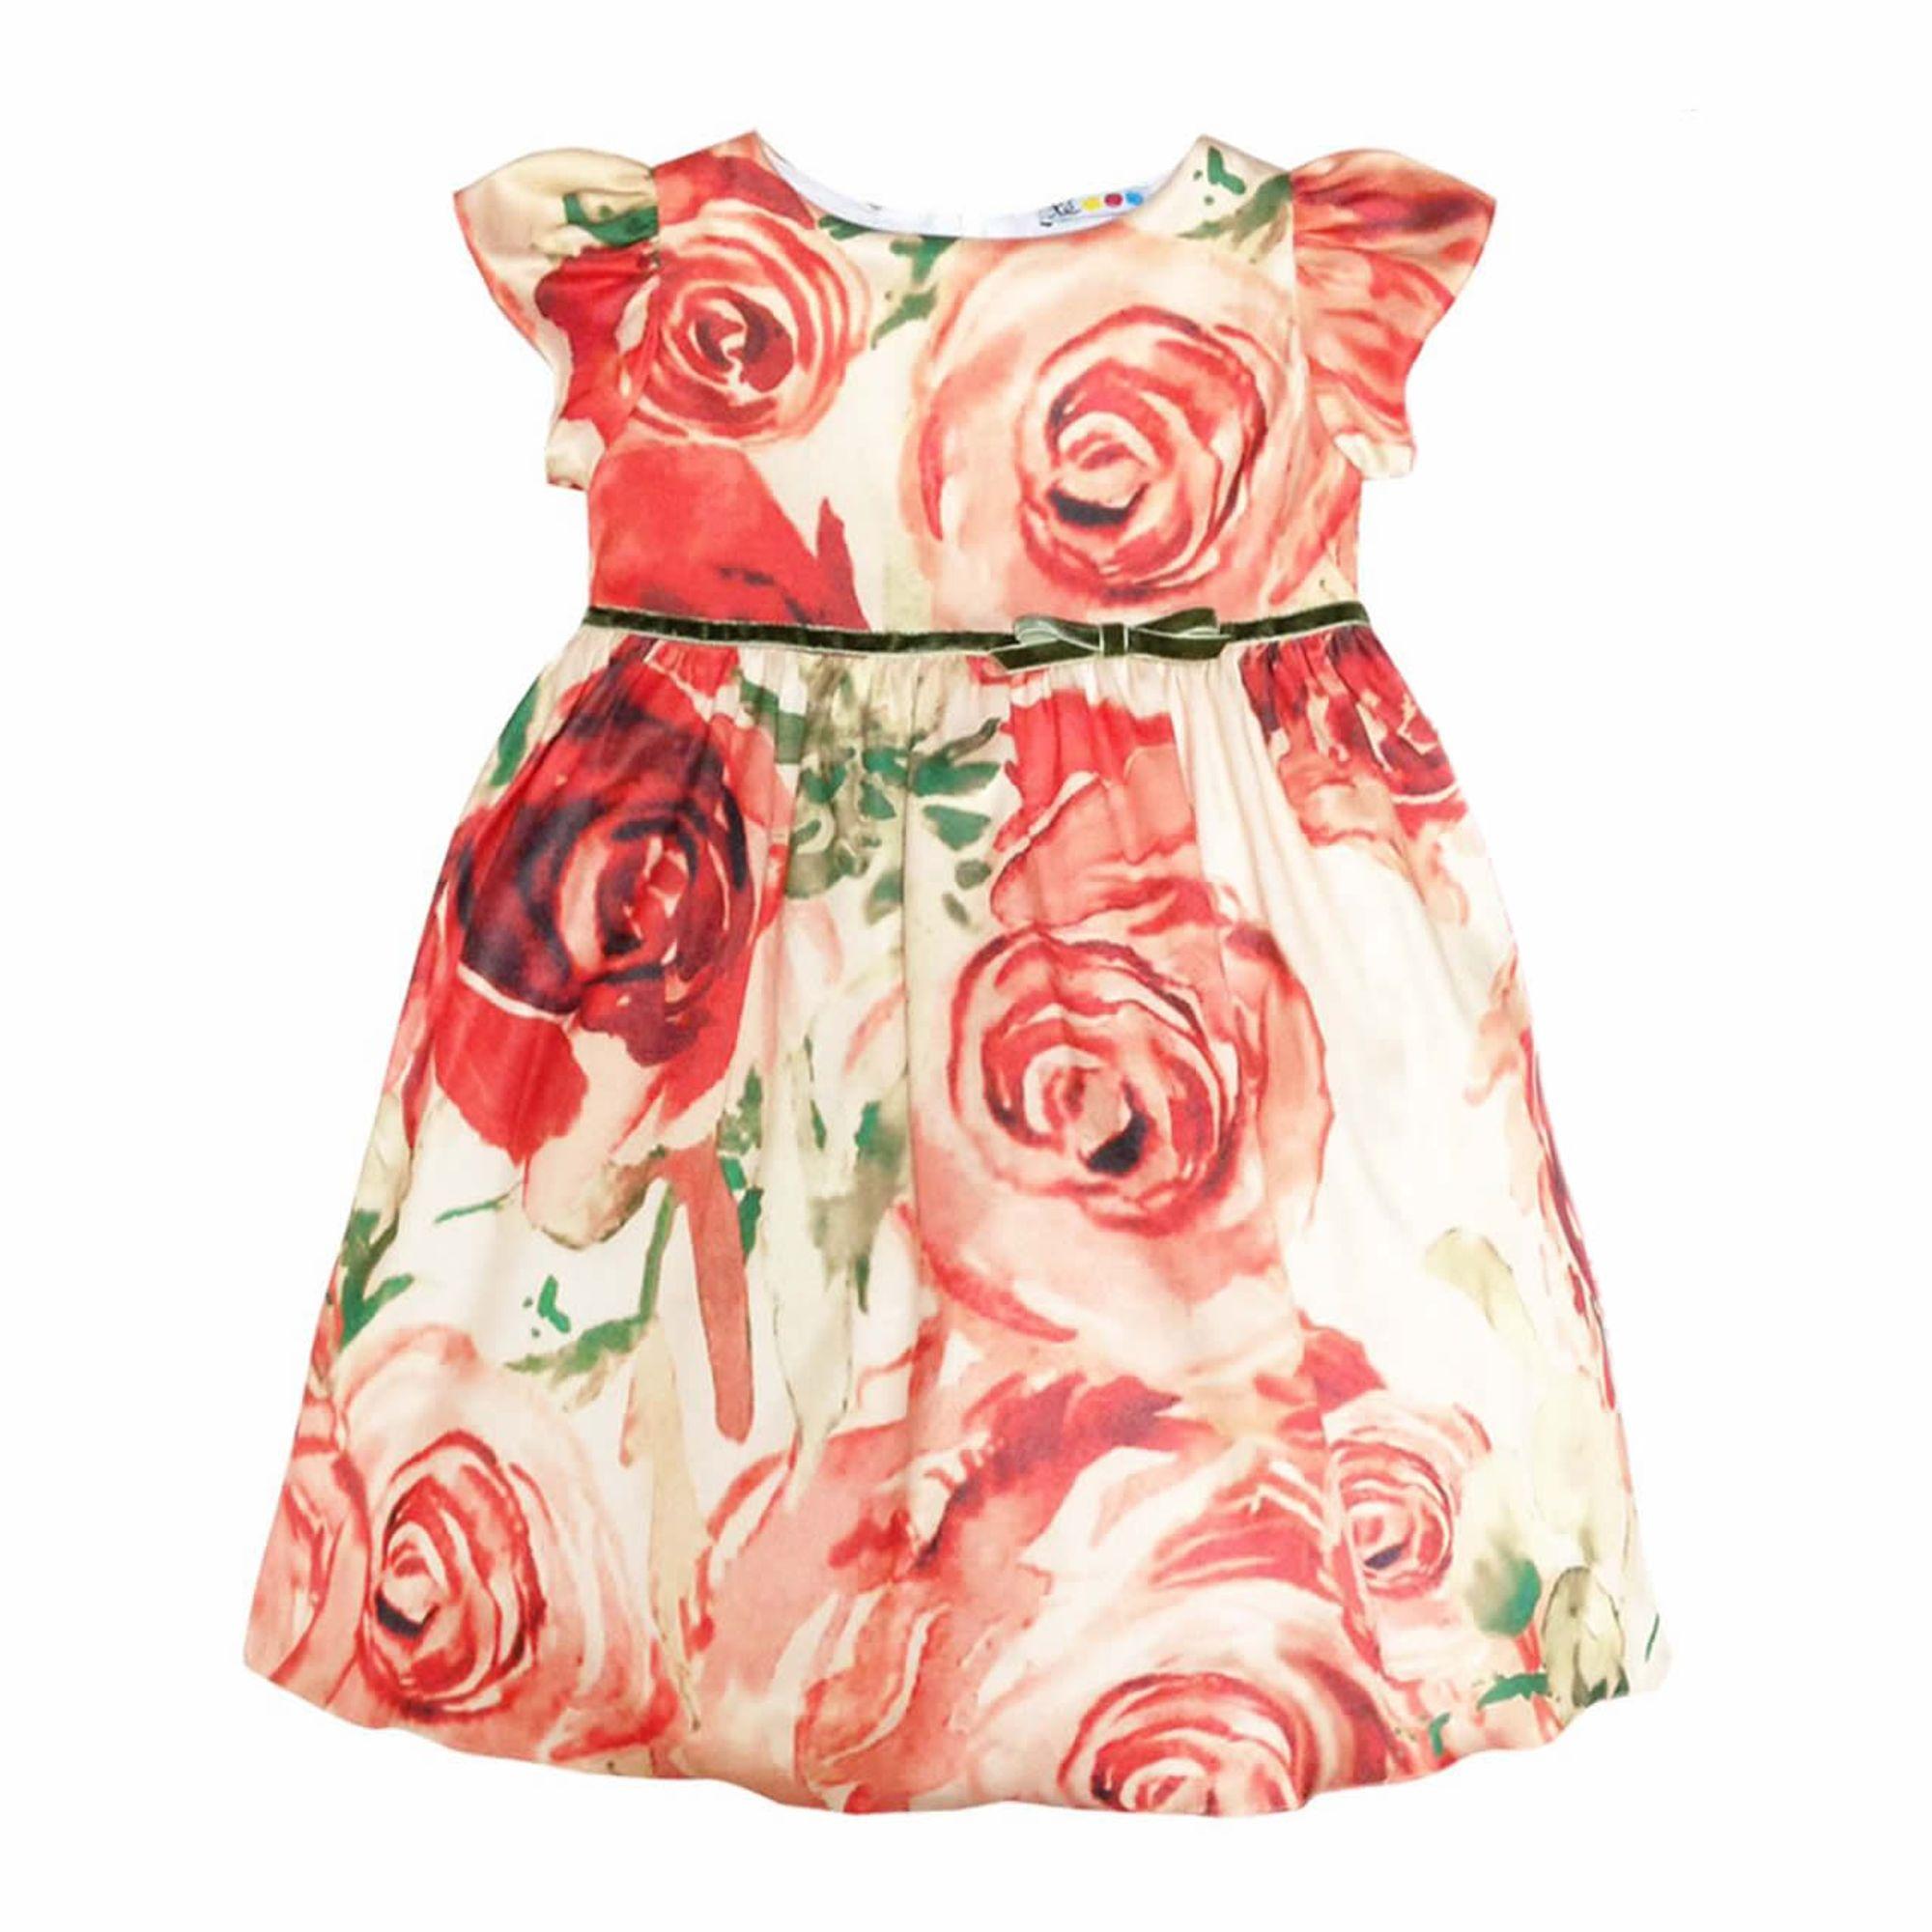 vestido-infantil-rodado-rosas-grandes-e-fita-veludo-te